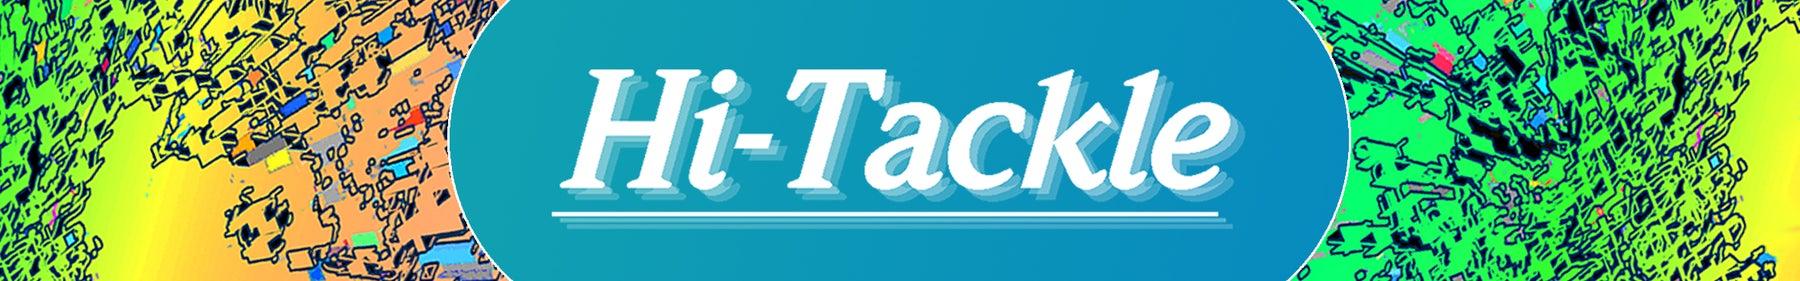 Hi-Tackle Records